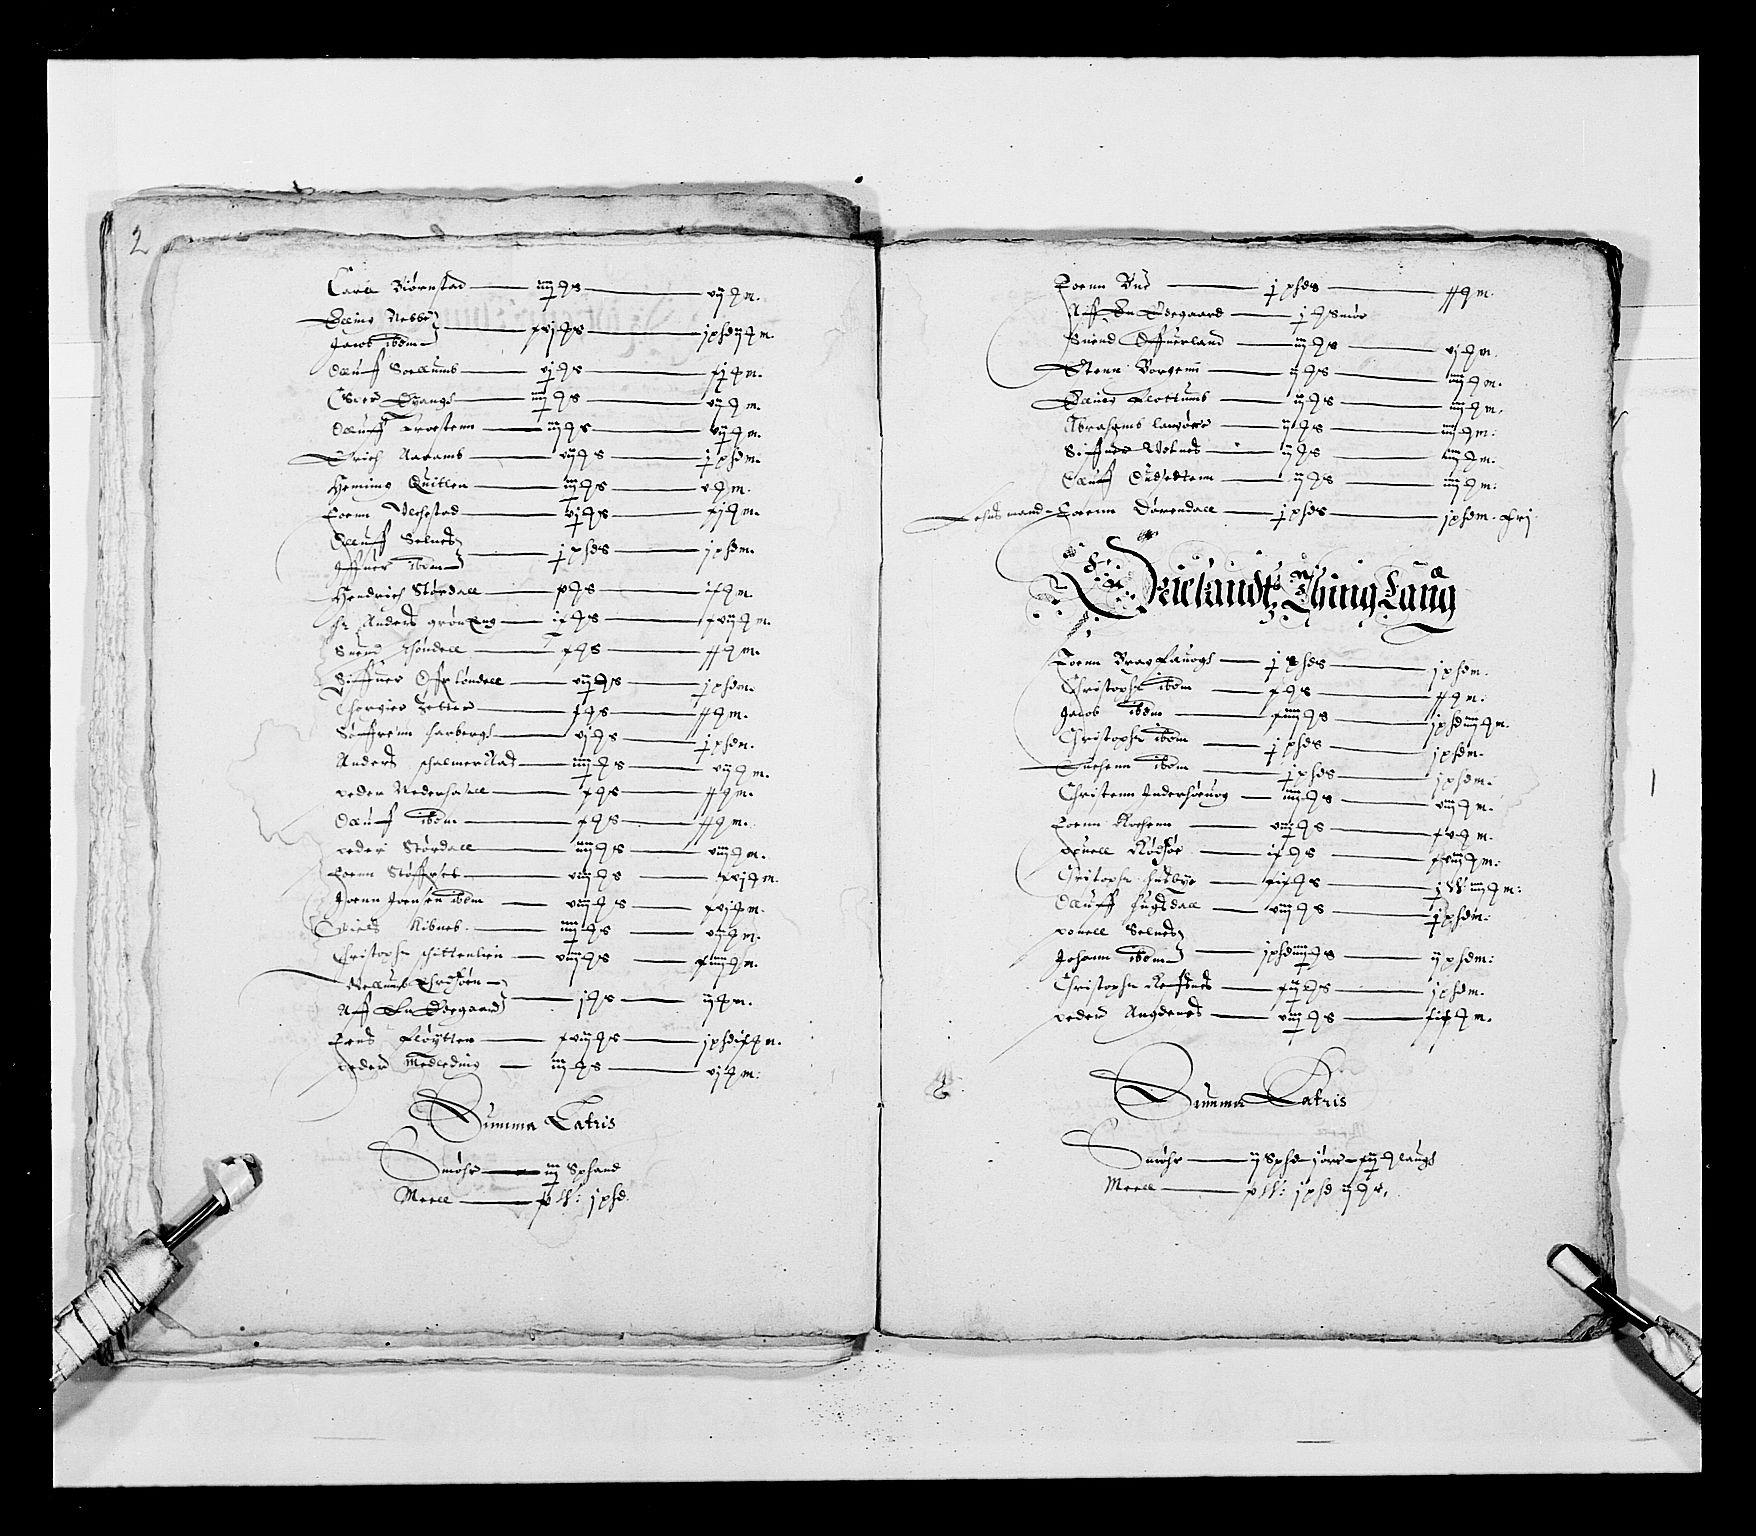 RA, Stattholderembetet 1572-1771, Ek/L0028: Jordebøker 1633-1658:, 1645-1646, s. 54